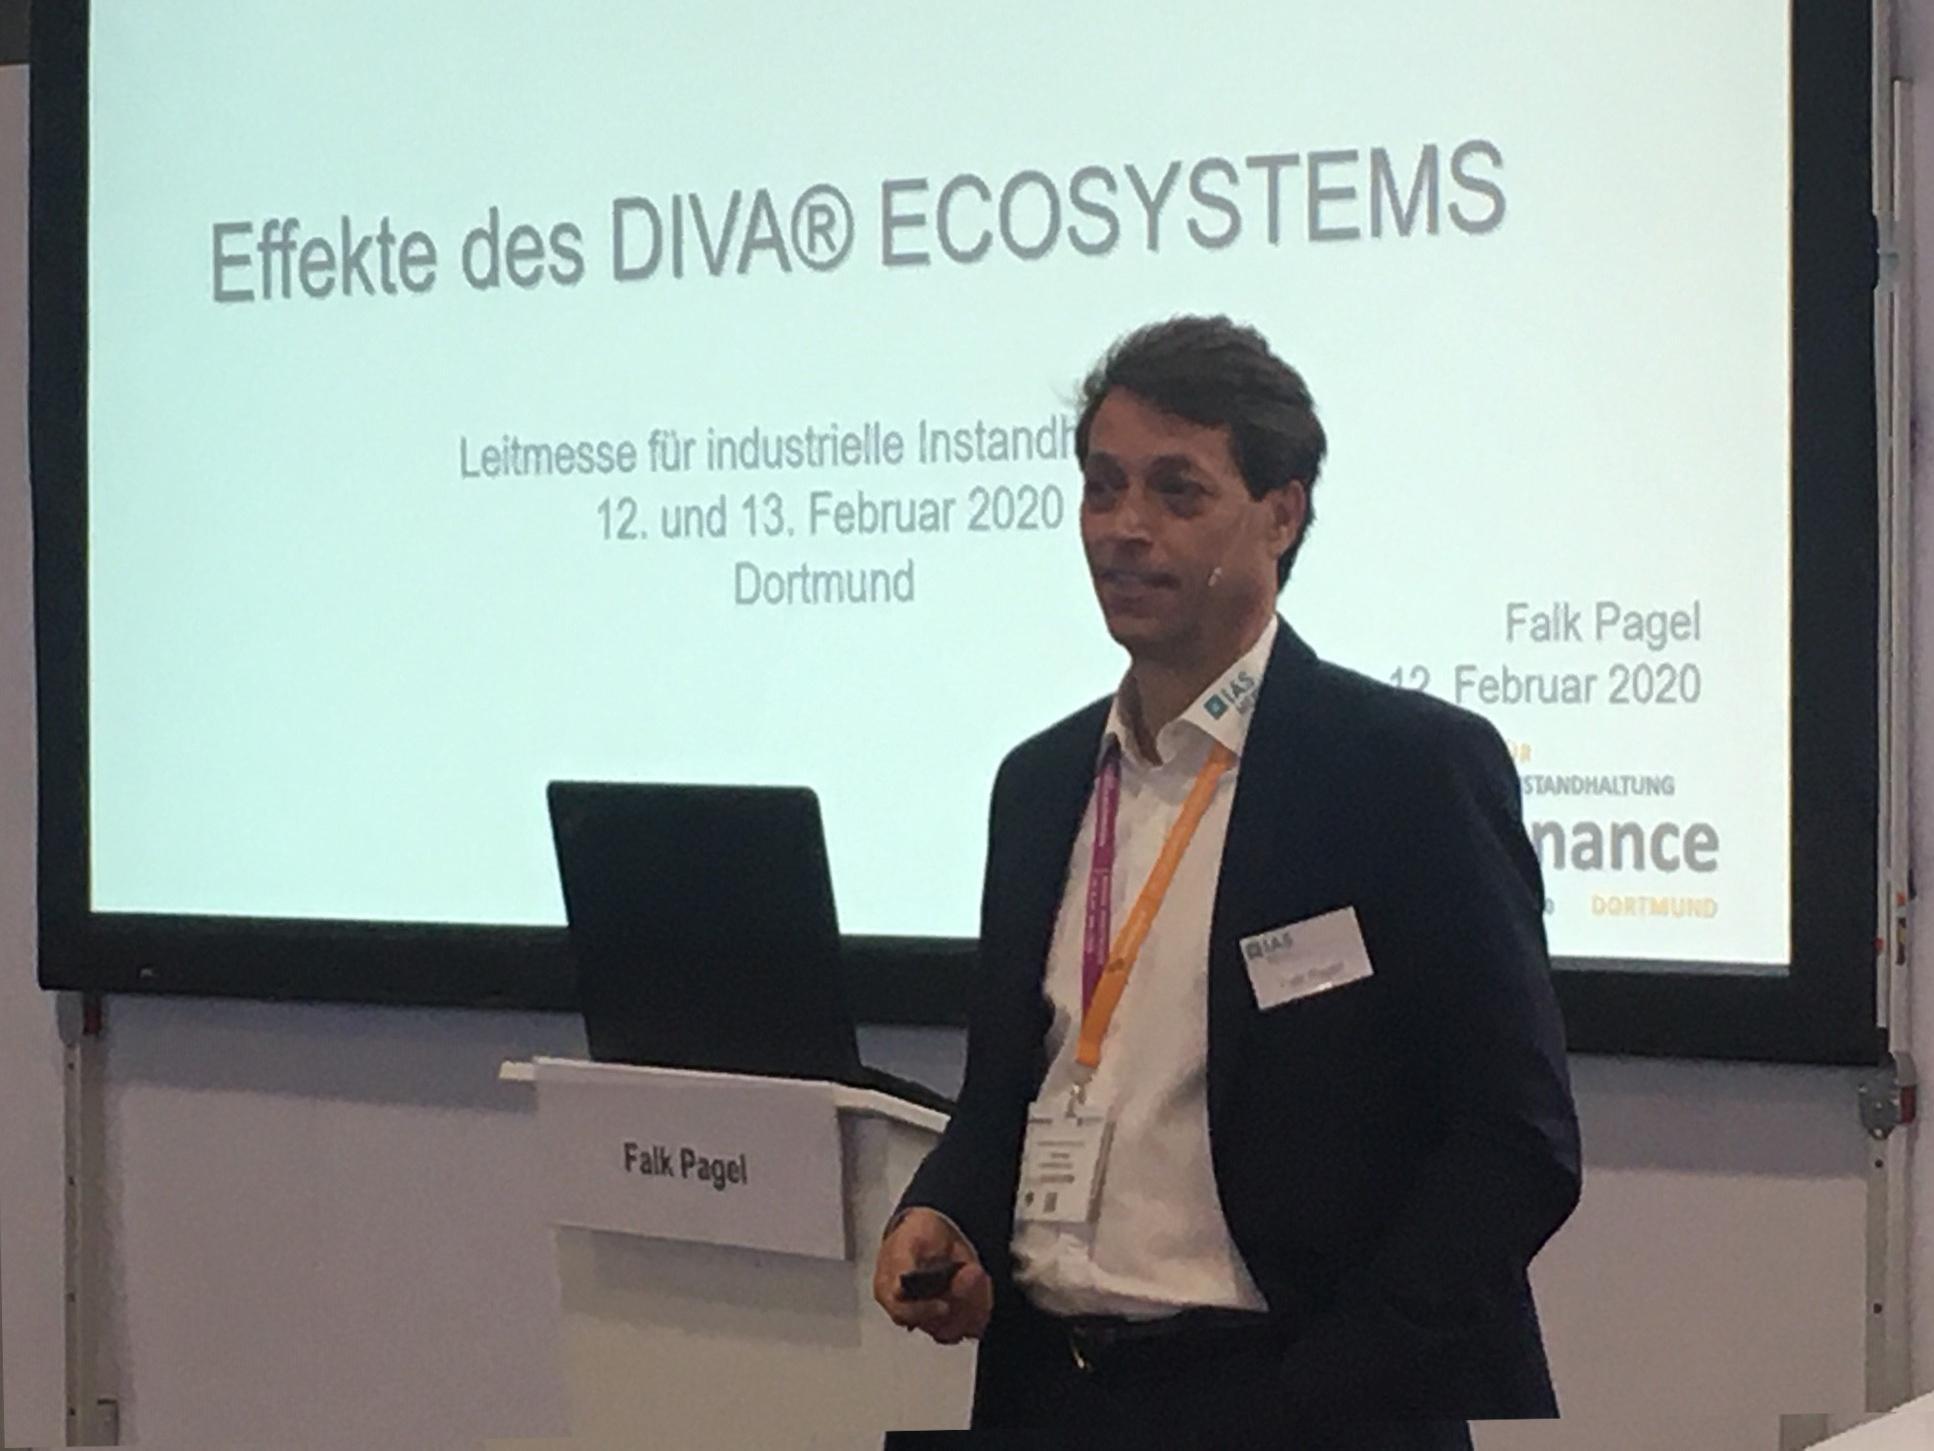 Vortrag von Falk Pagel auf der Maintenance Messe 2020